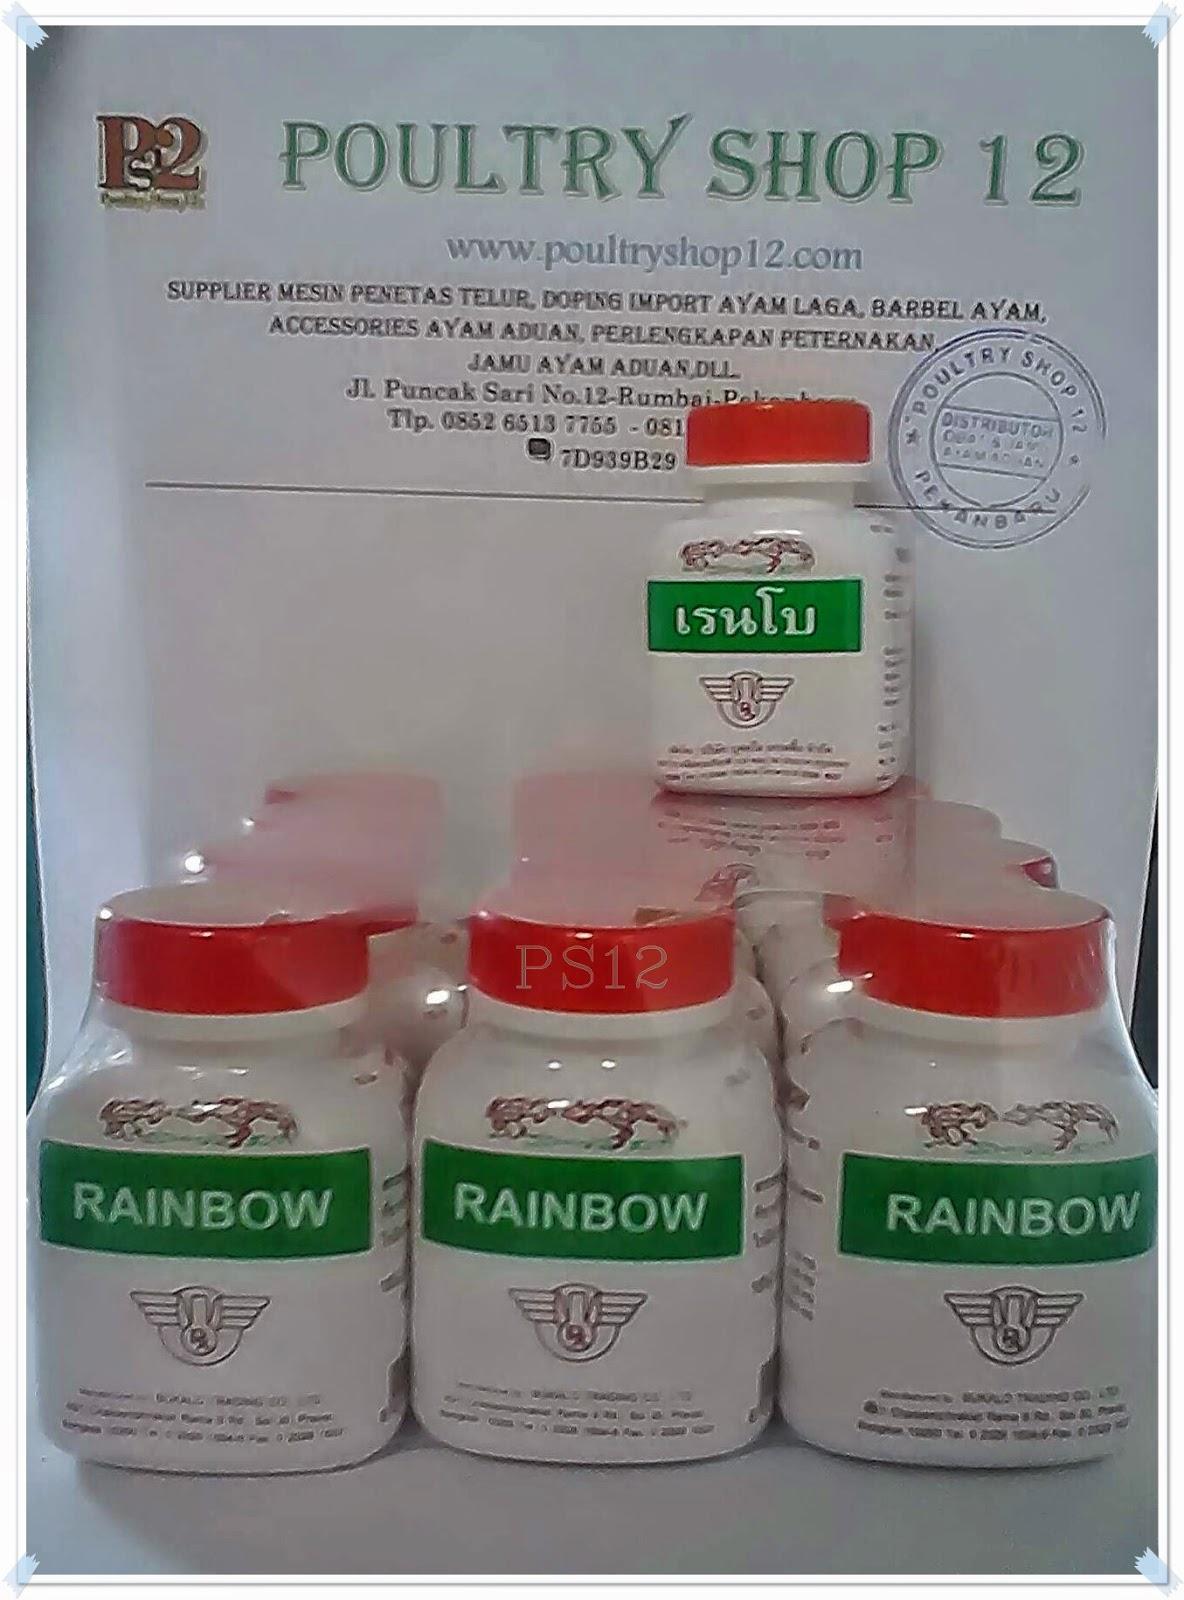 harga termurah, harga obat import paling murah, paling jitu, paling bagus, dan original,product asli www.poultryshop12.com